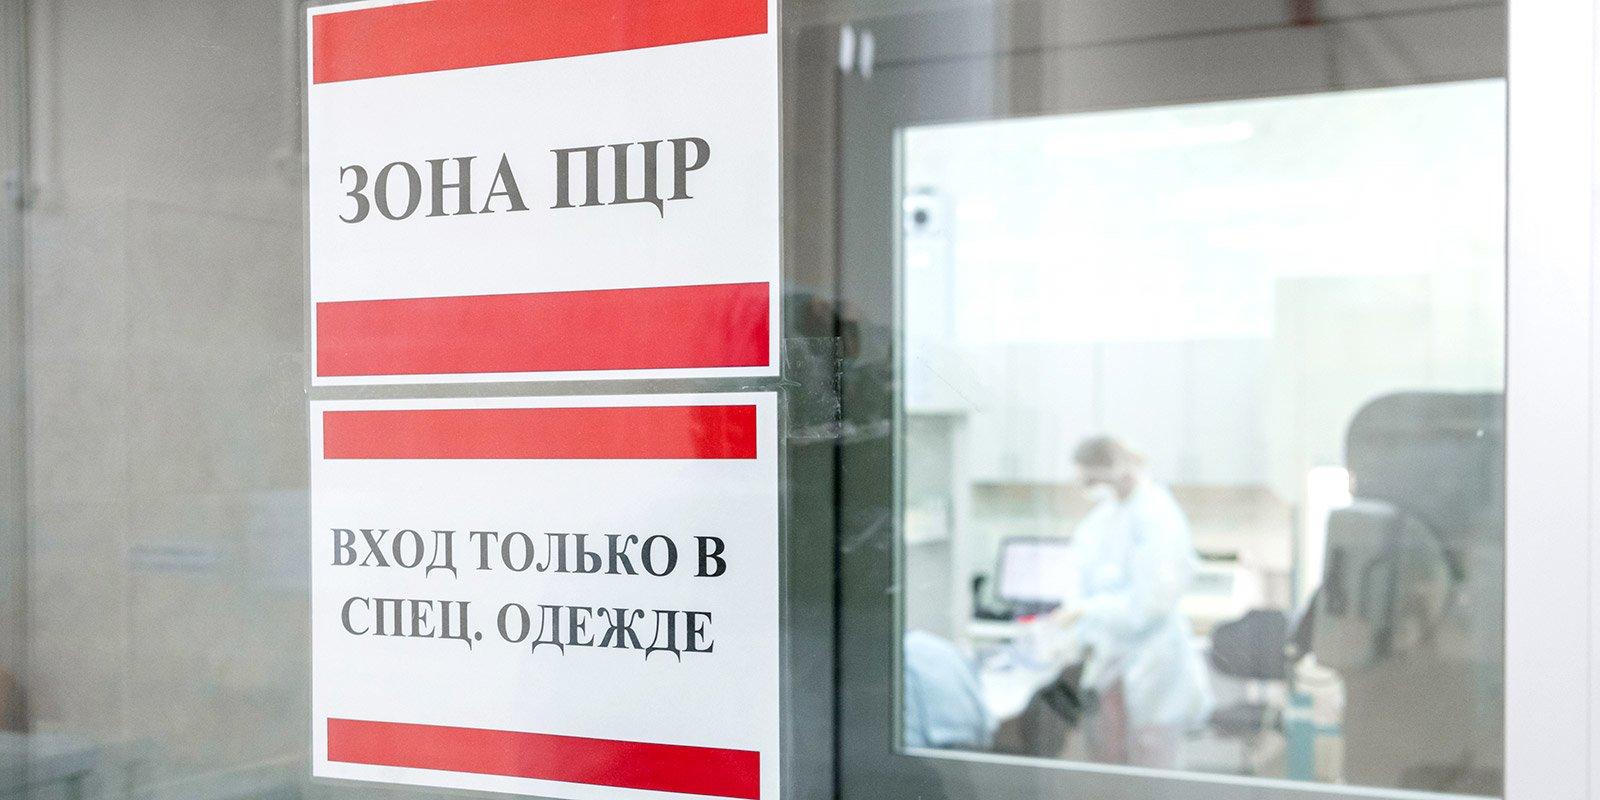 Фото: Пресс-служба Мэра и Правительства Москвы. Максим Мишин